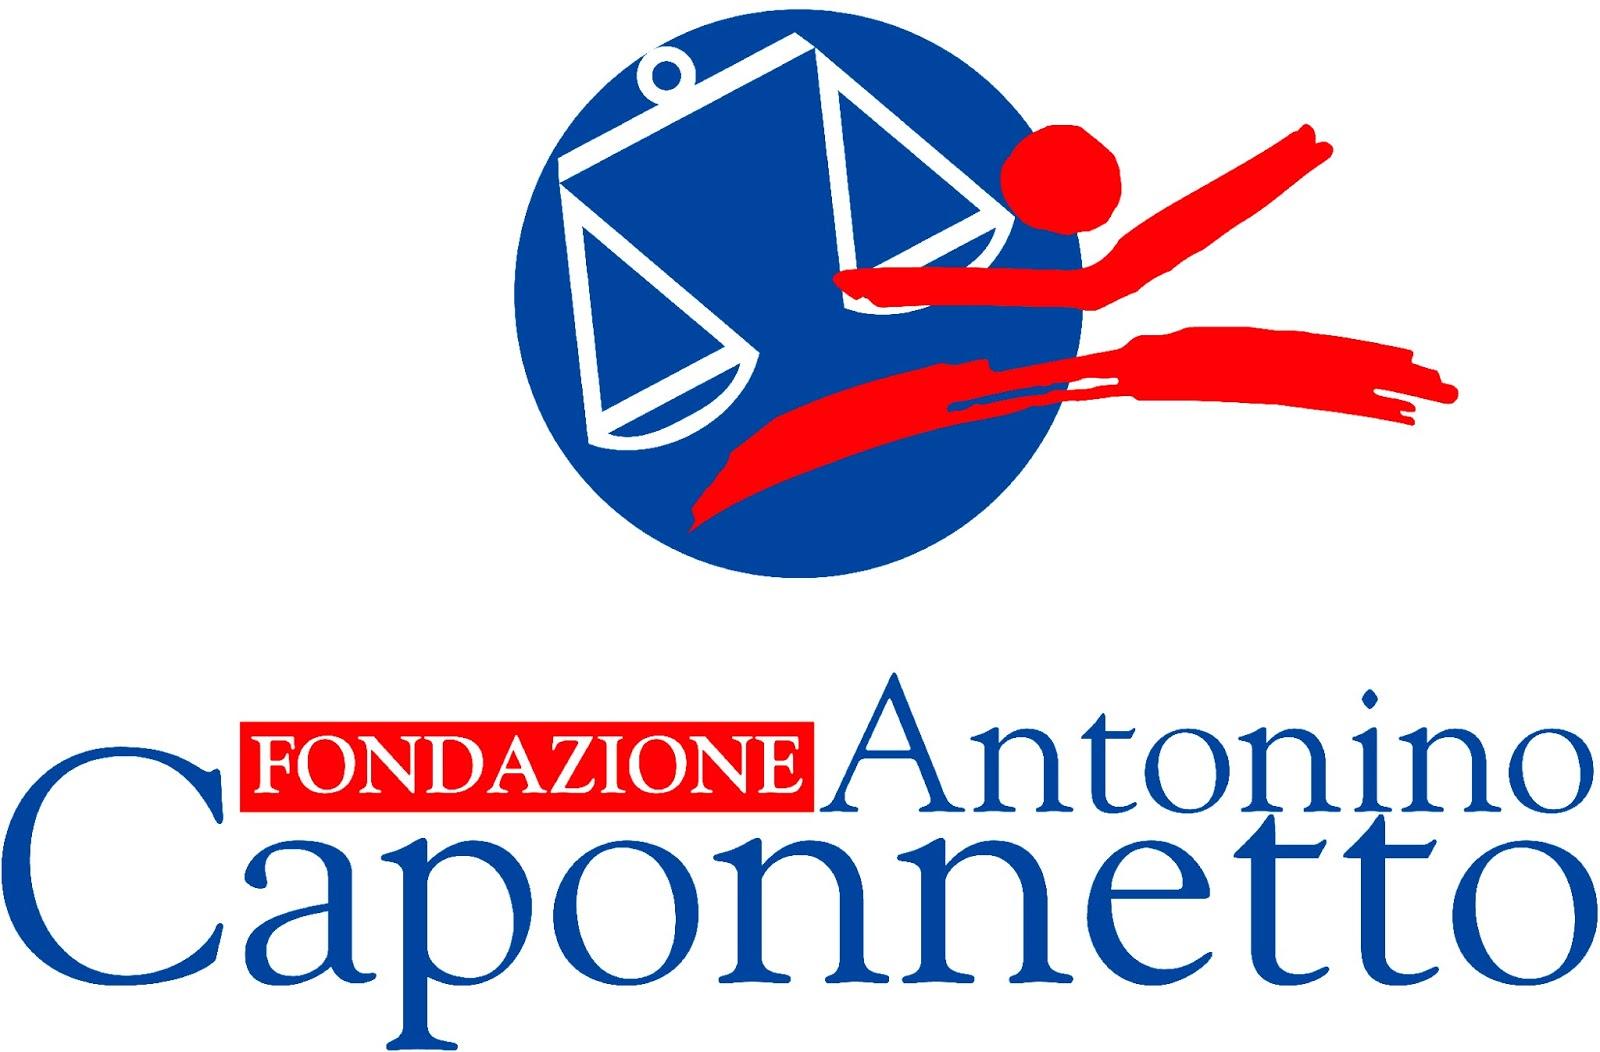 Fondazione Caponnetto